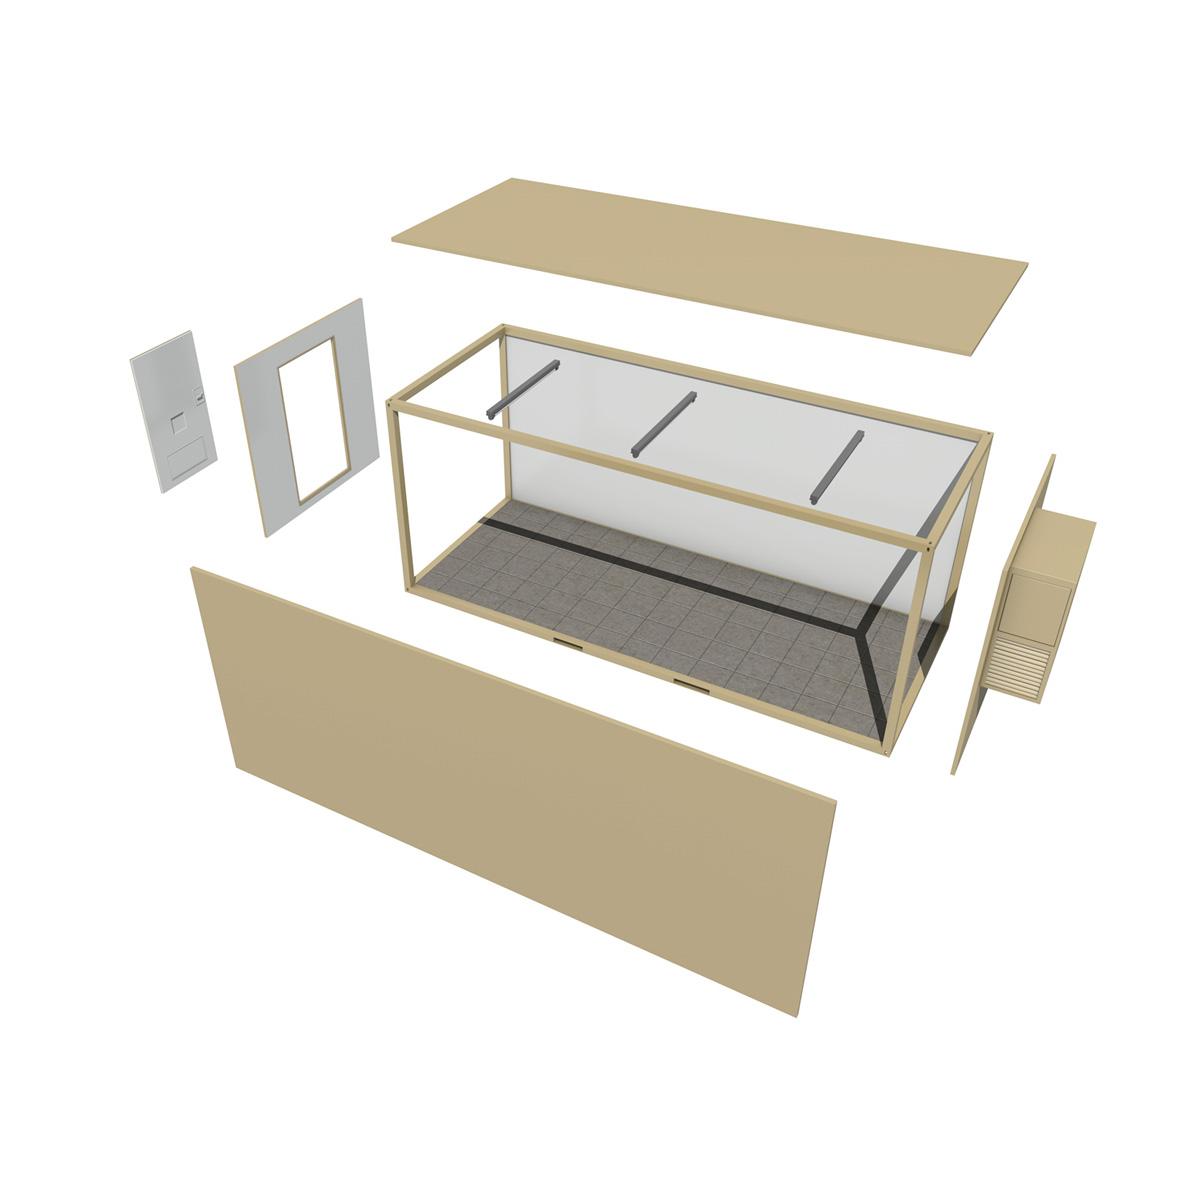 20ft office container version two 3d model 3ds fbx c4d lwo obj 252279